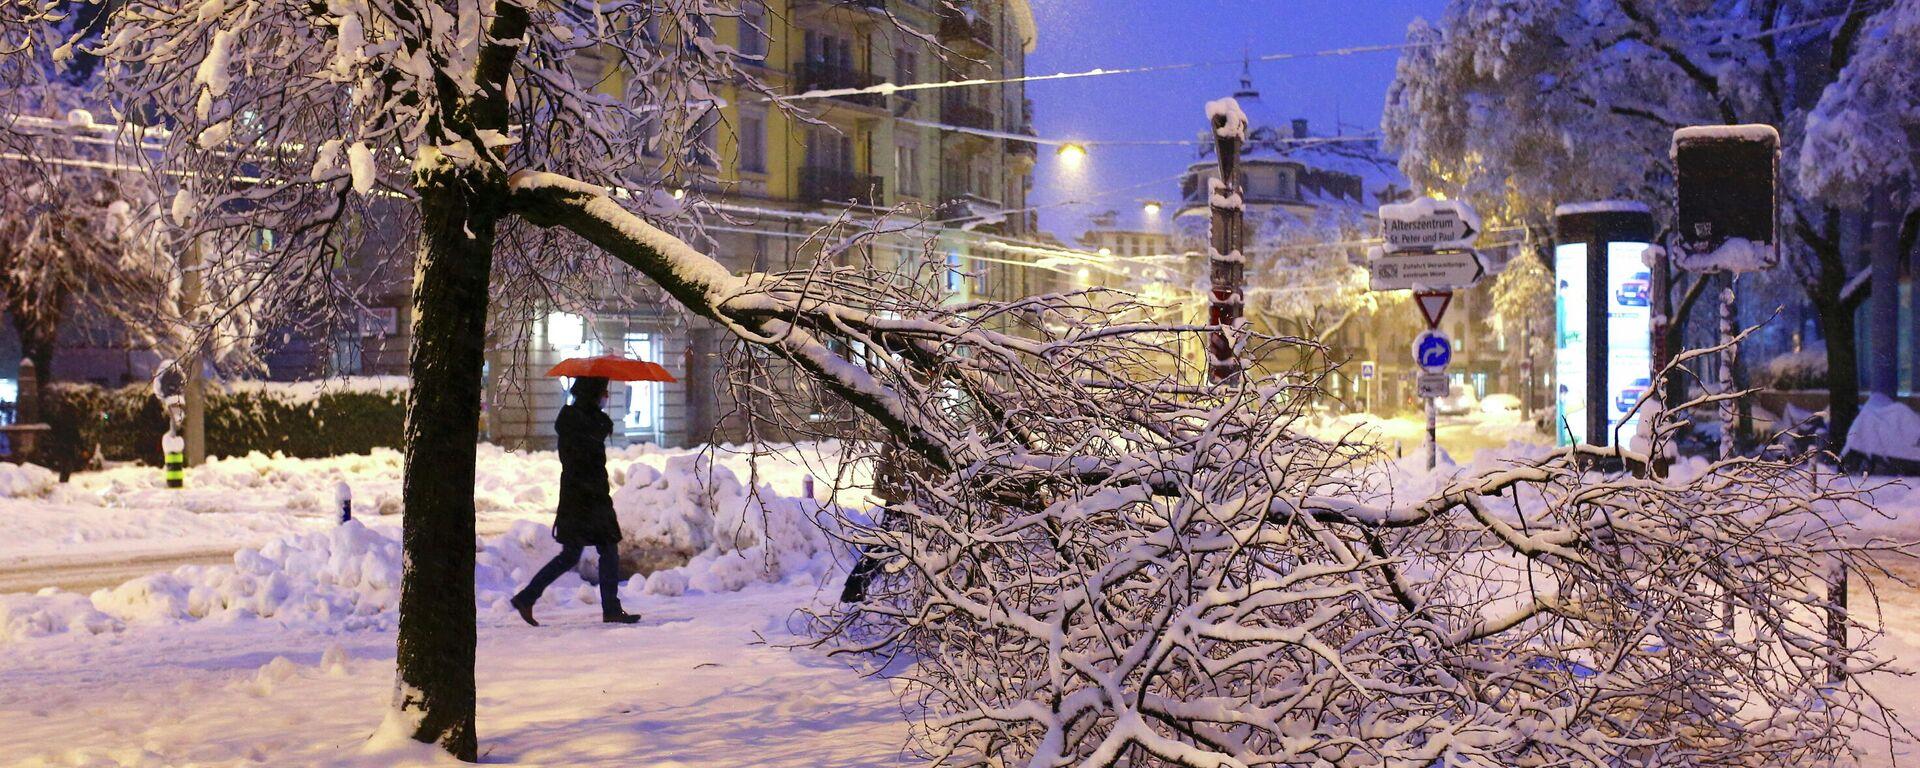 Folgen eines starken Schneefalls in Zürich, 15. Januar 2020 - SNA, 1920, 15.01.2021